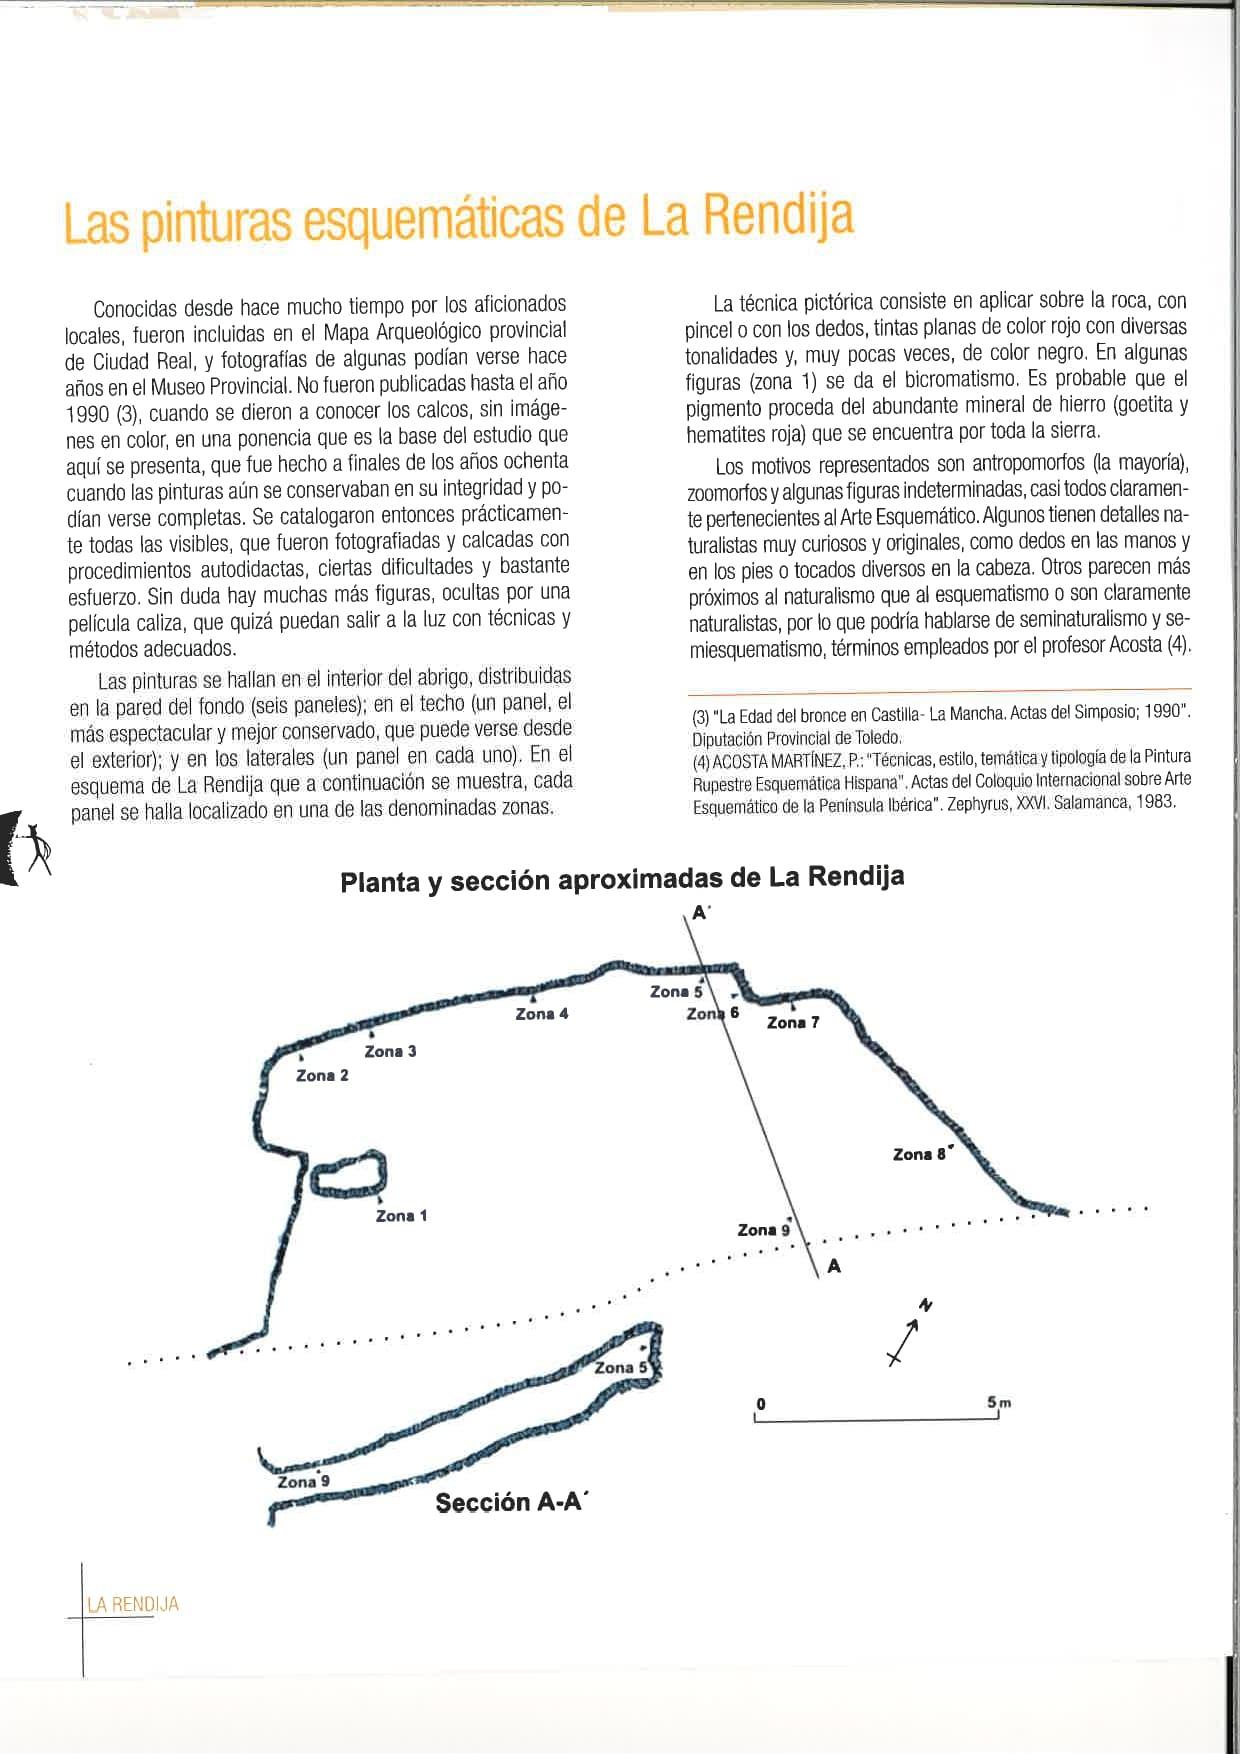 """la rendija herencia page 0005 - Herencia celebró el Día Europeo del Arte Rupestre con """"La Rendija"""""""